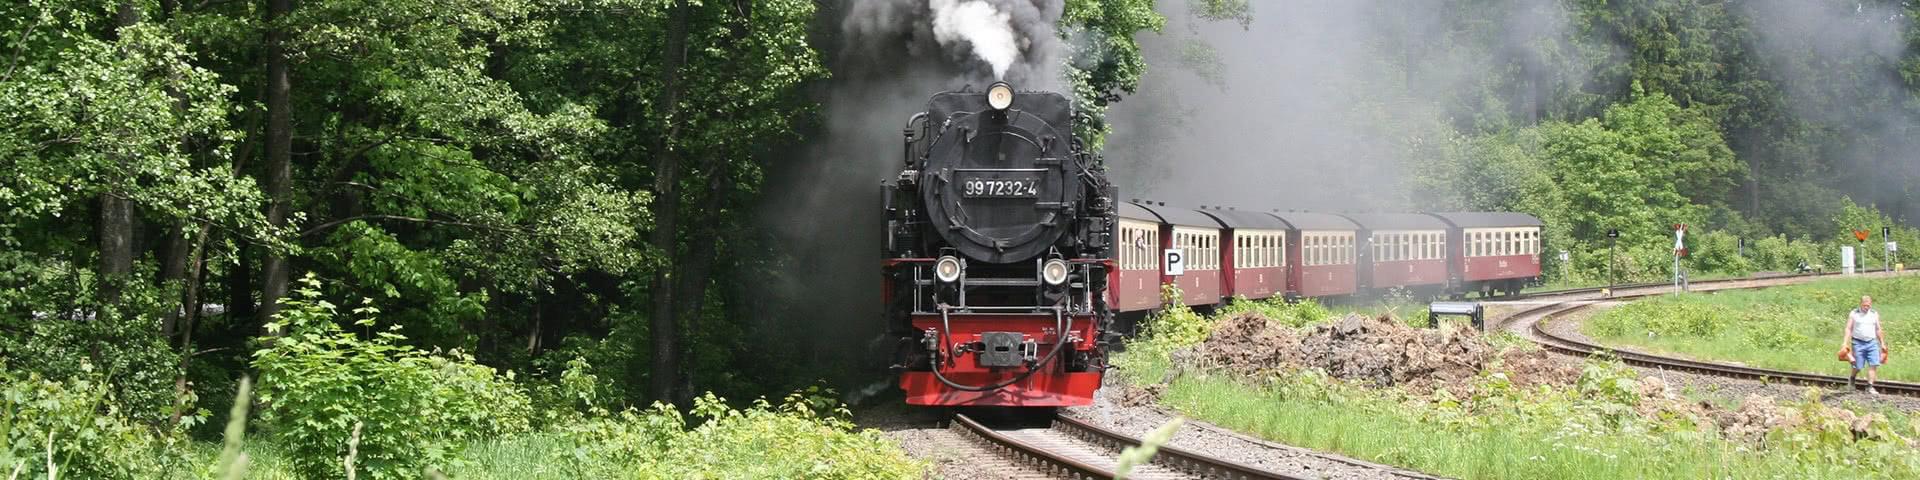 Schmalspurbahn in Wernigerode